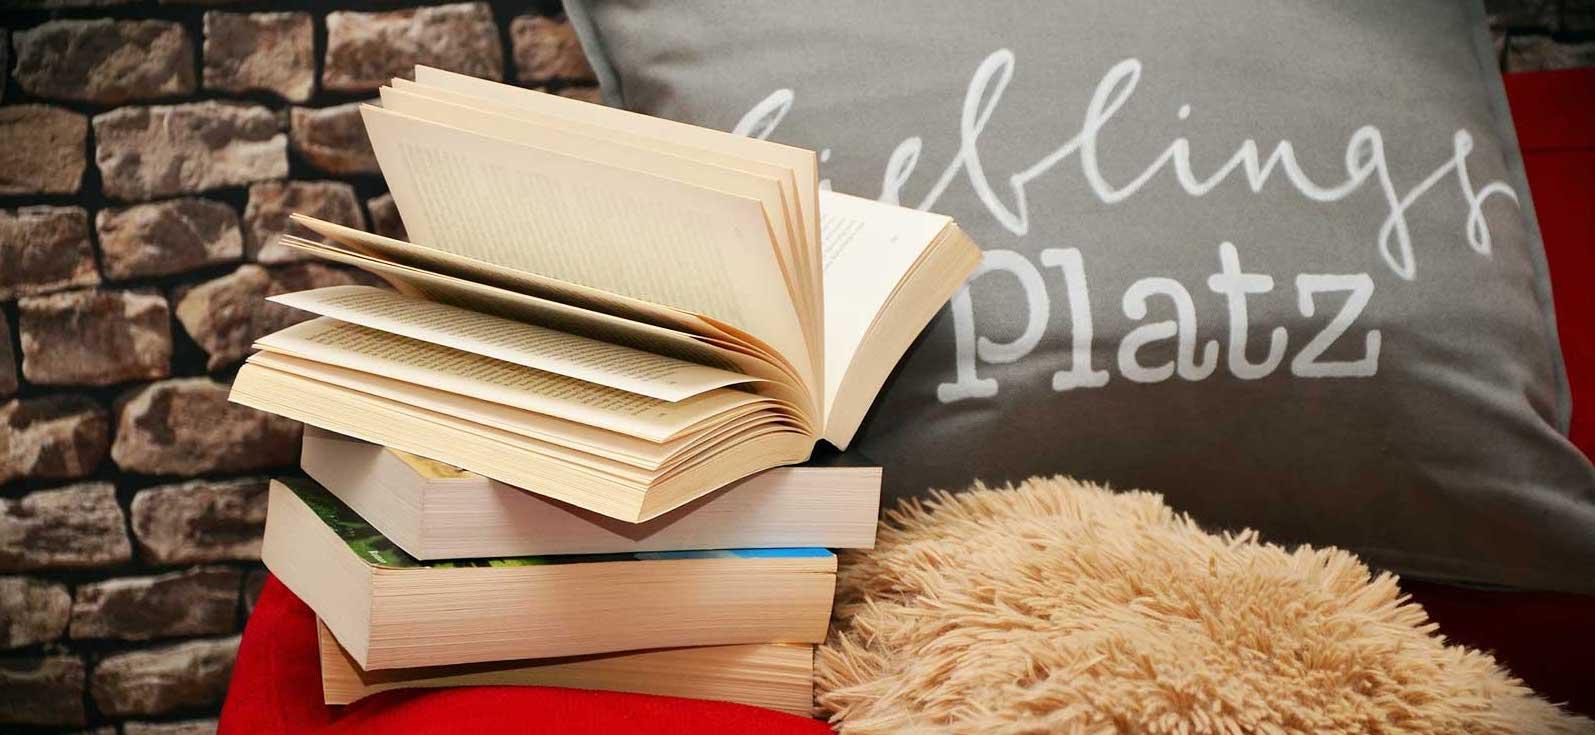 Buchtipps, Buchempfehlungen, Lieblingsbuch, Urlaubsbuch, Buch für Urlaub